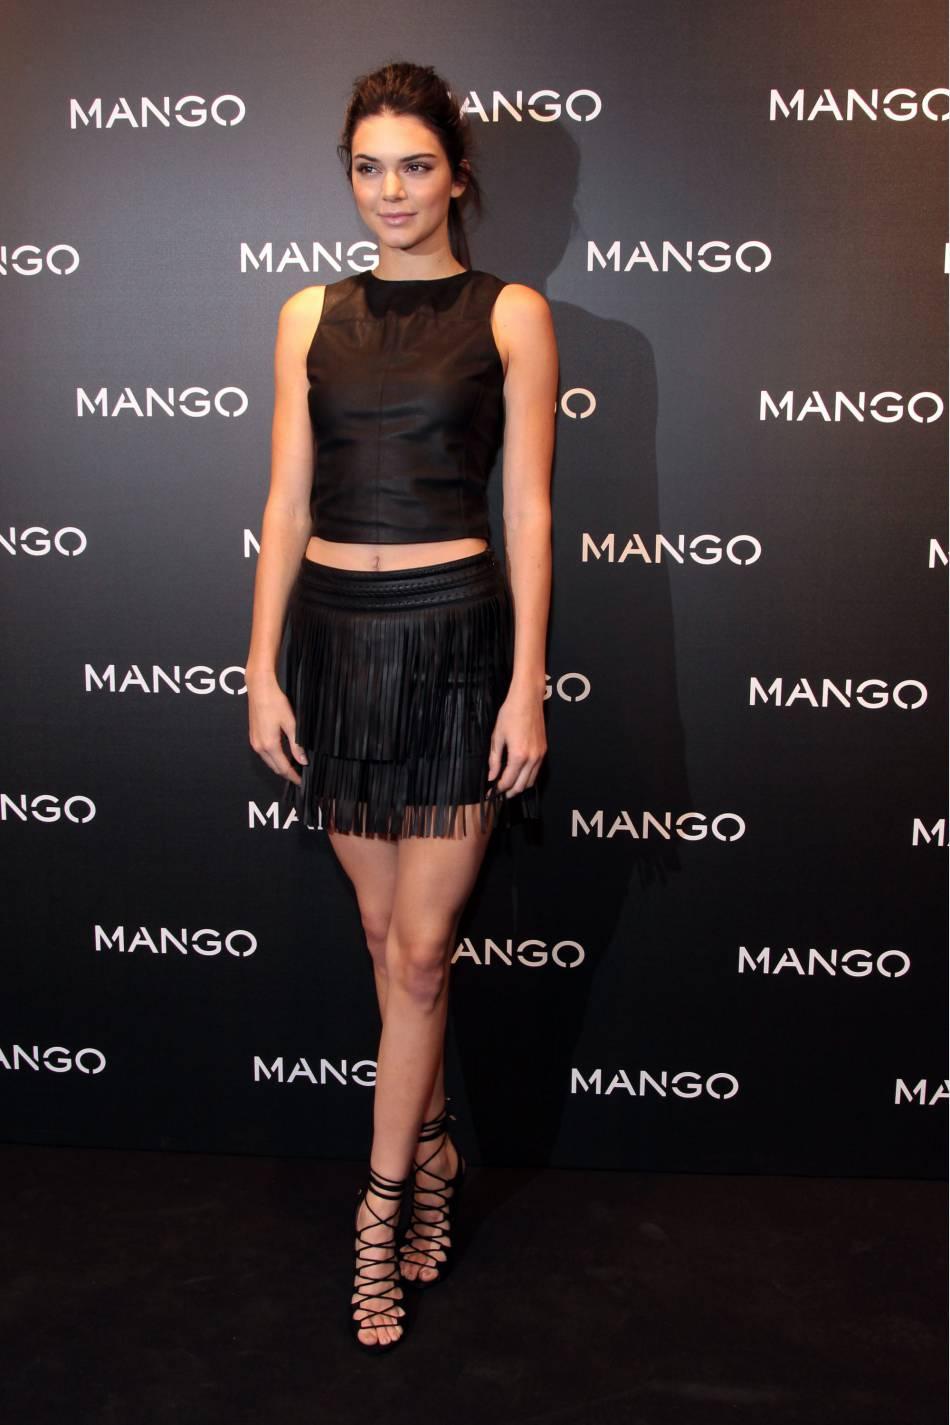 d980b8239515 Kendall Jenner à Barcelone pour la soirée Tribal Spirit The Secret de la  marque Mango.